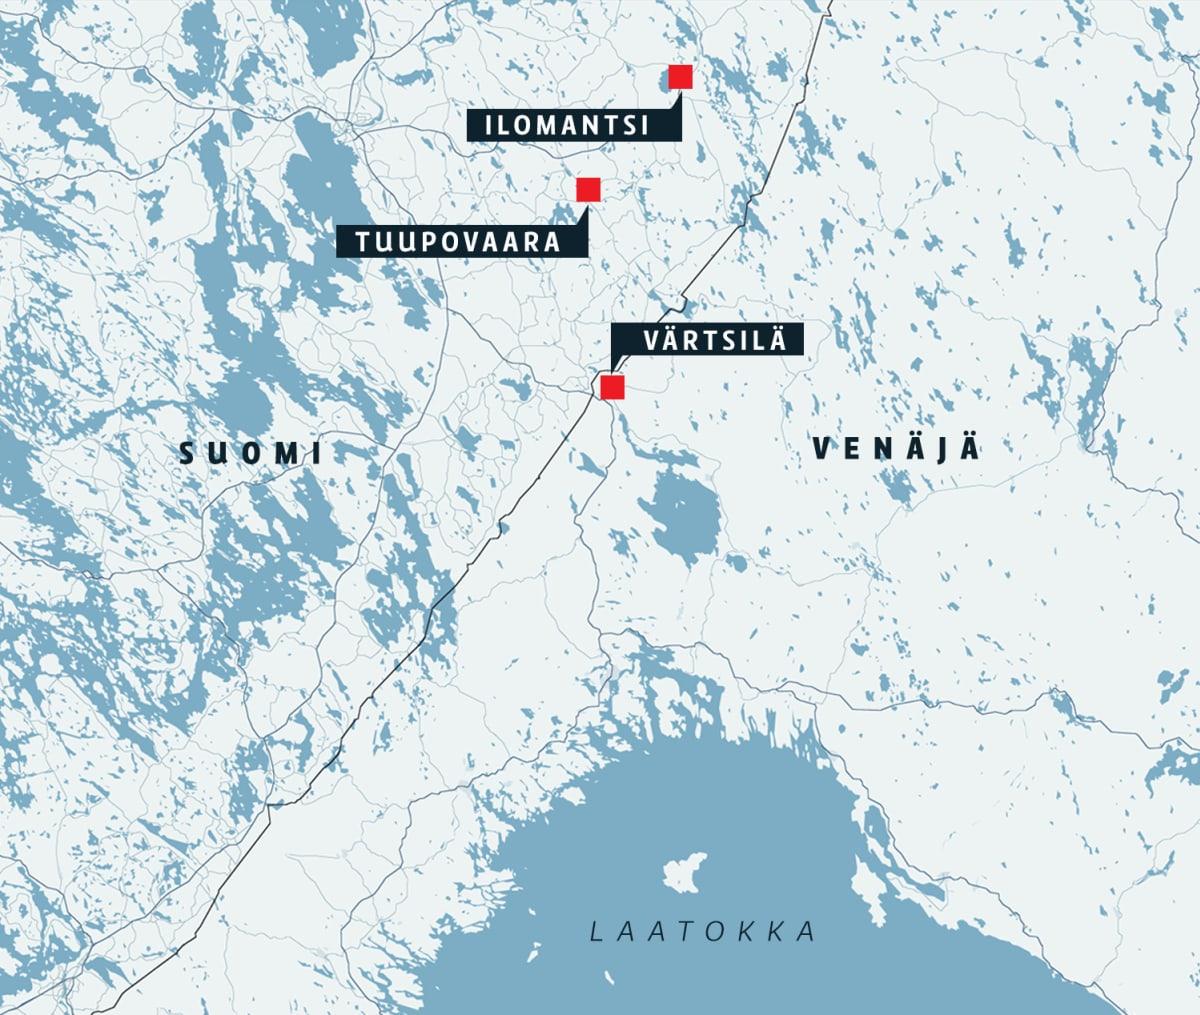 Kartta susien liikkumisesta Venäjän ja Suomen rajalla